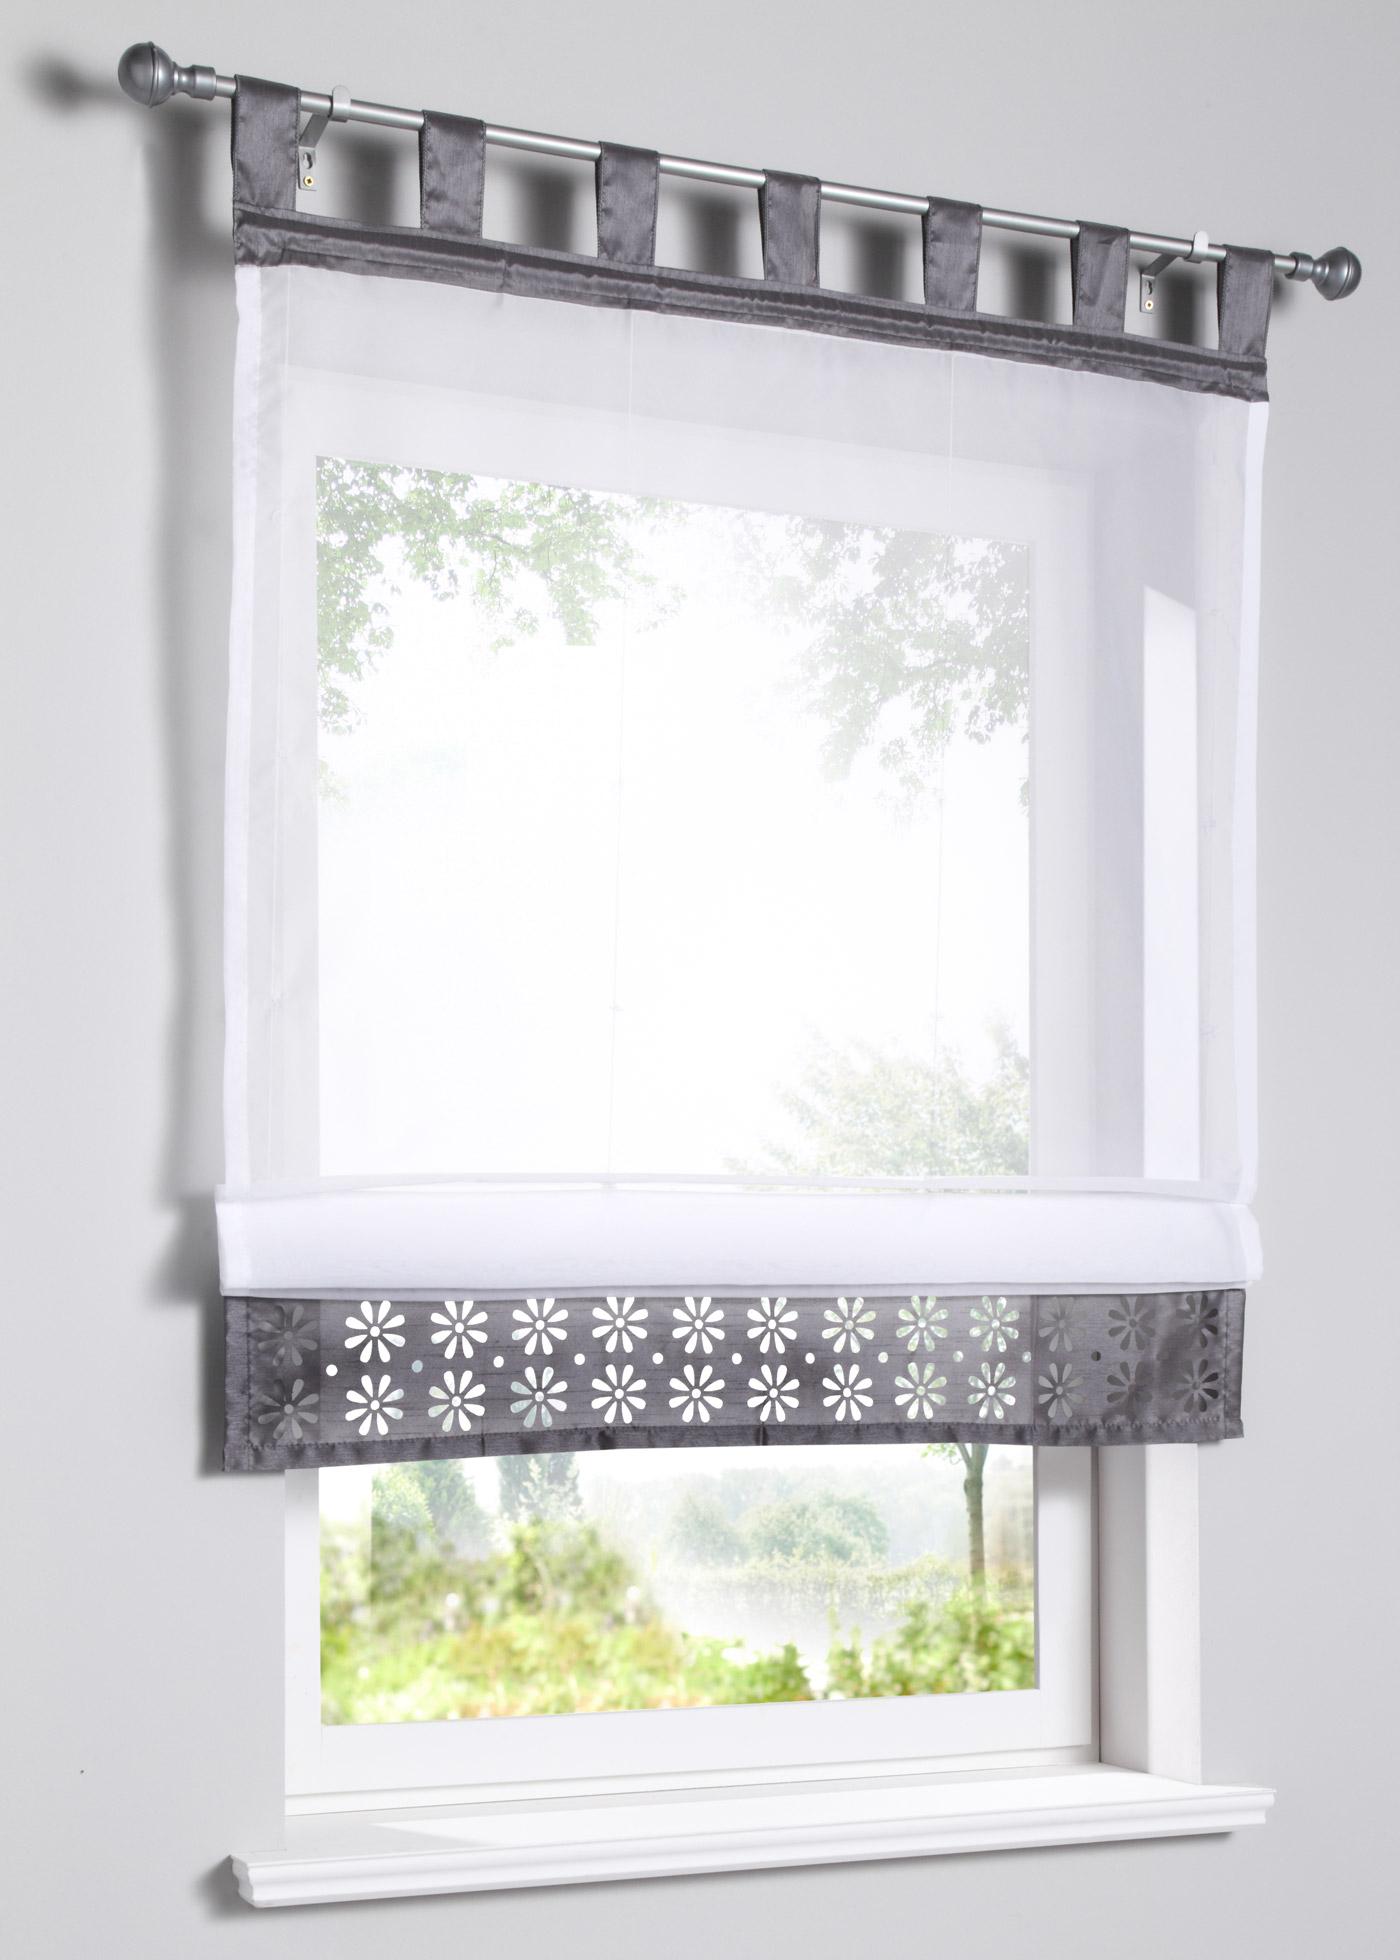 Store en voile transparent avec bordure inférieure ornée de motifs ajourés, bordure supérieure aspect soie, légèrement brillant, avec pattes. Dimensions = dimensions du tissu, hauteur pattes comprises.